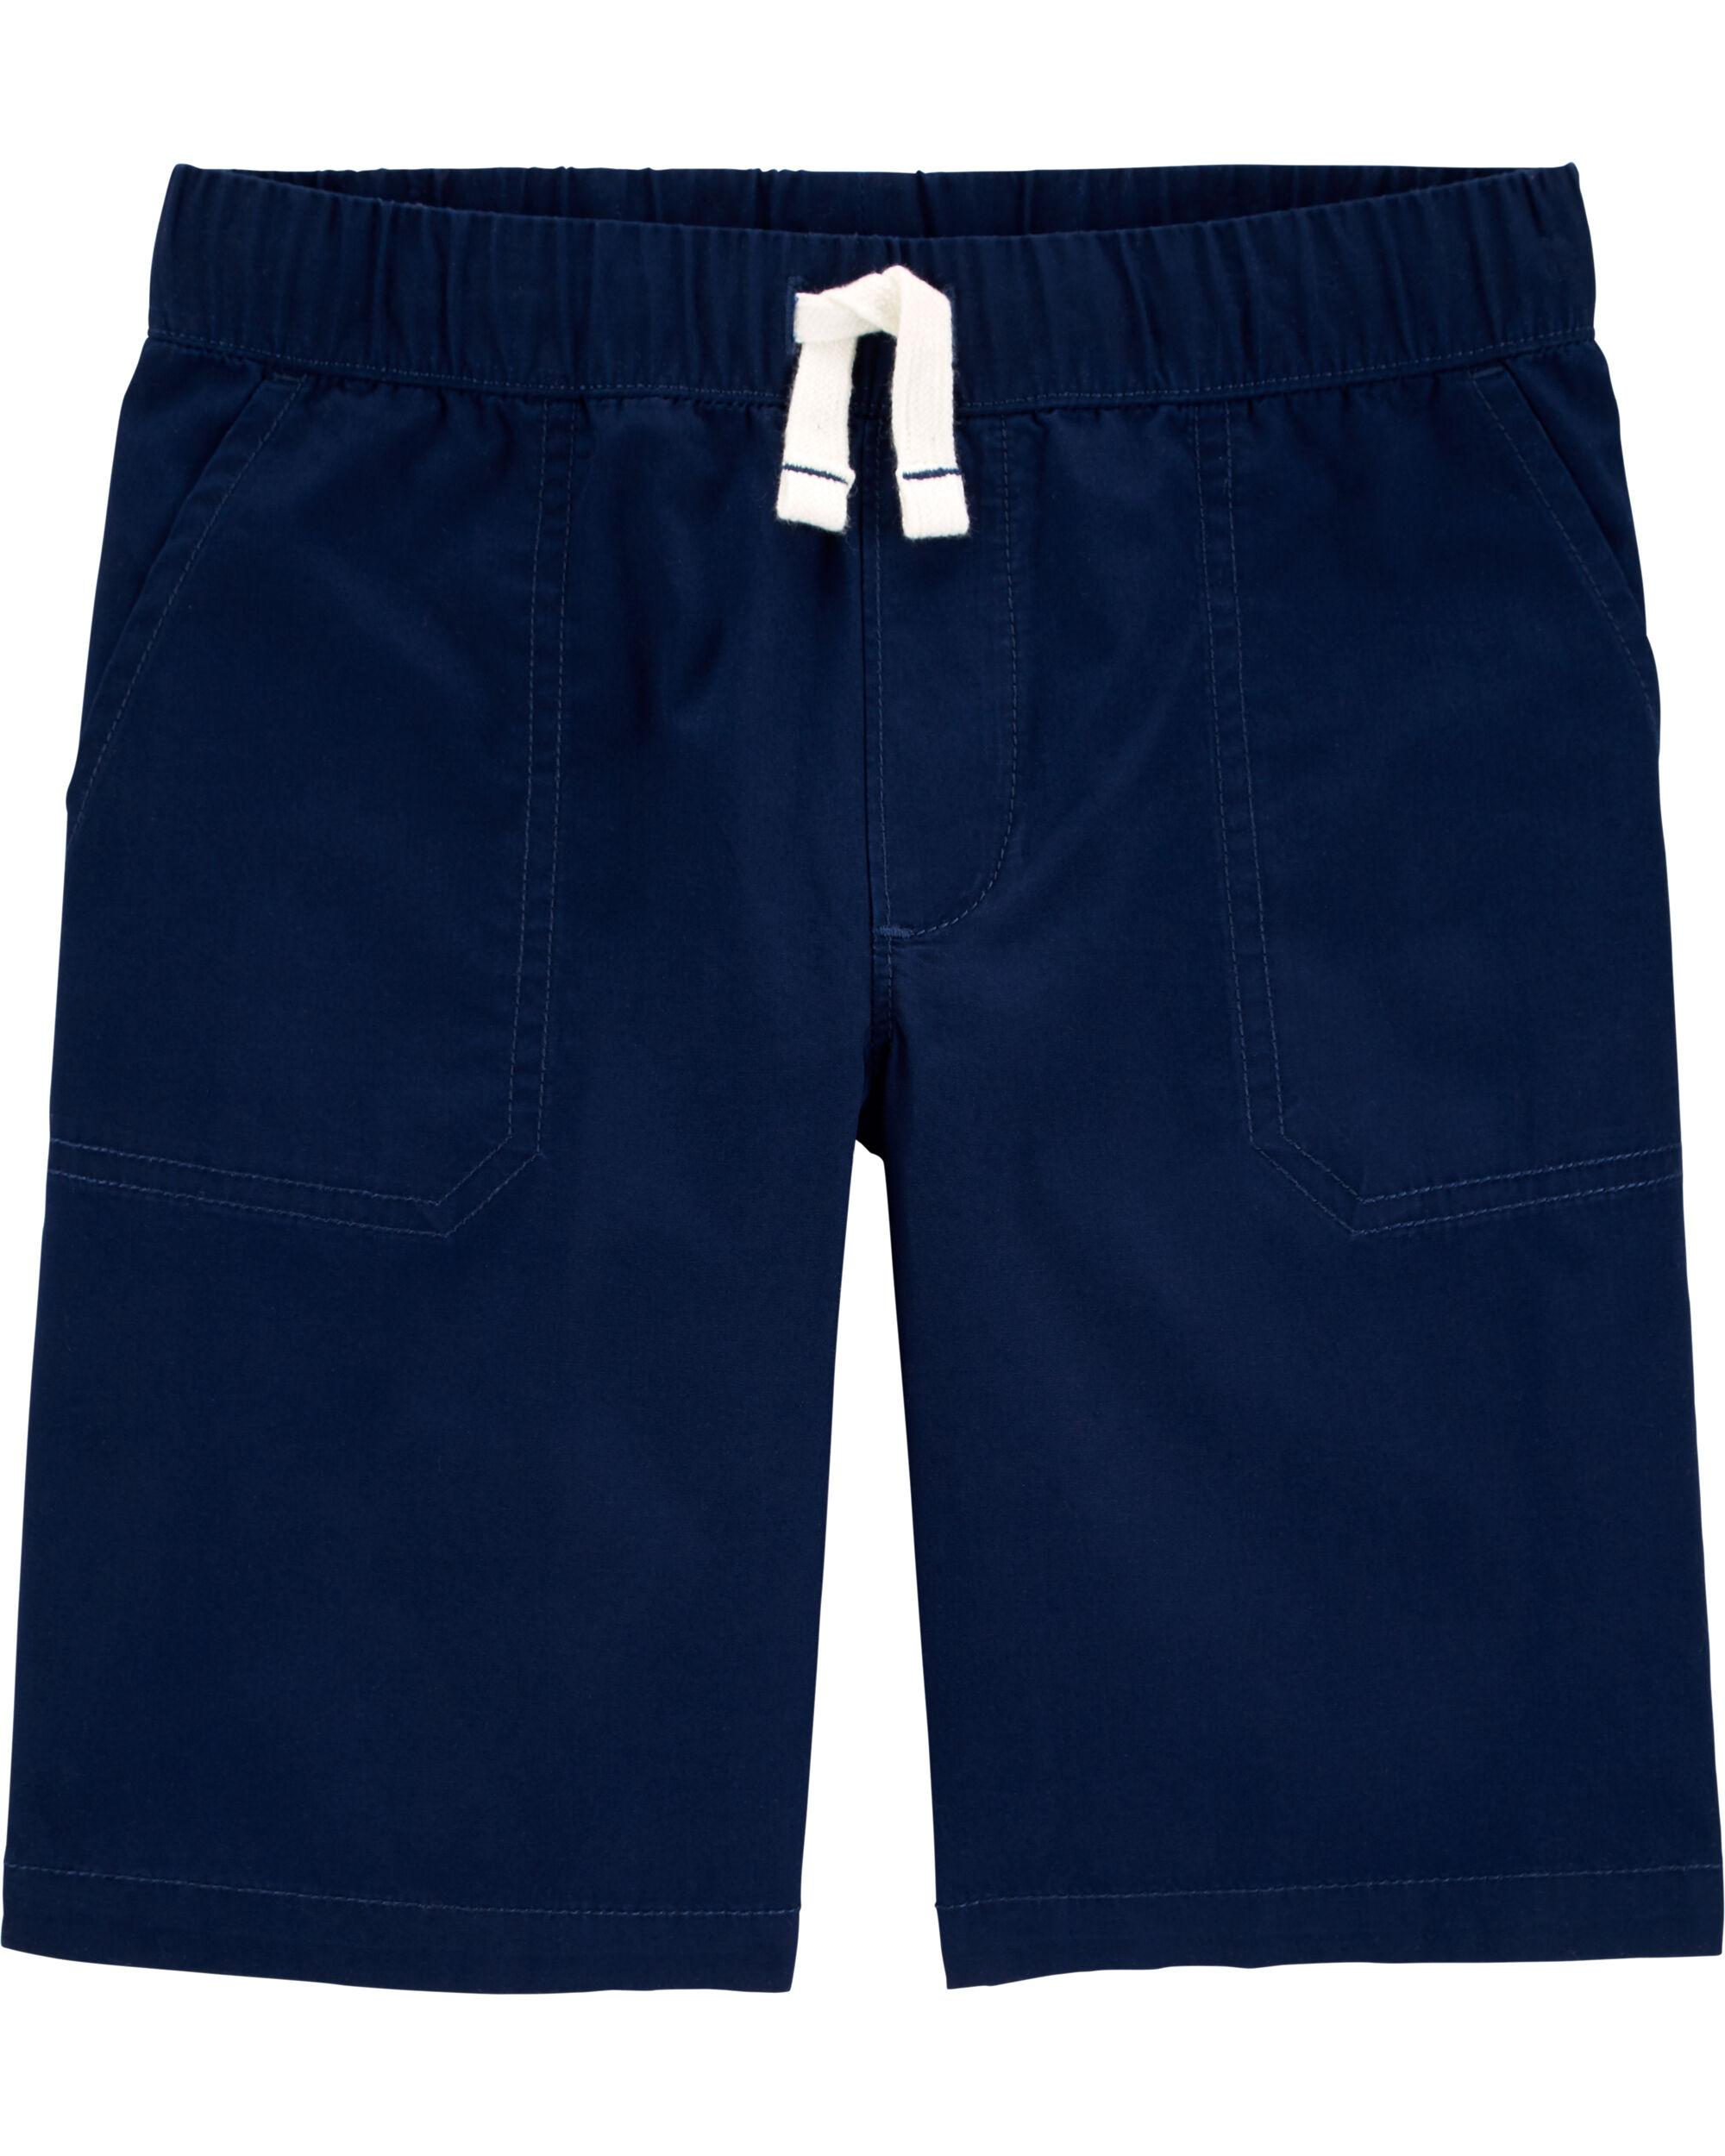 *DOORBUSTER*Pull-On Poplin Shorts